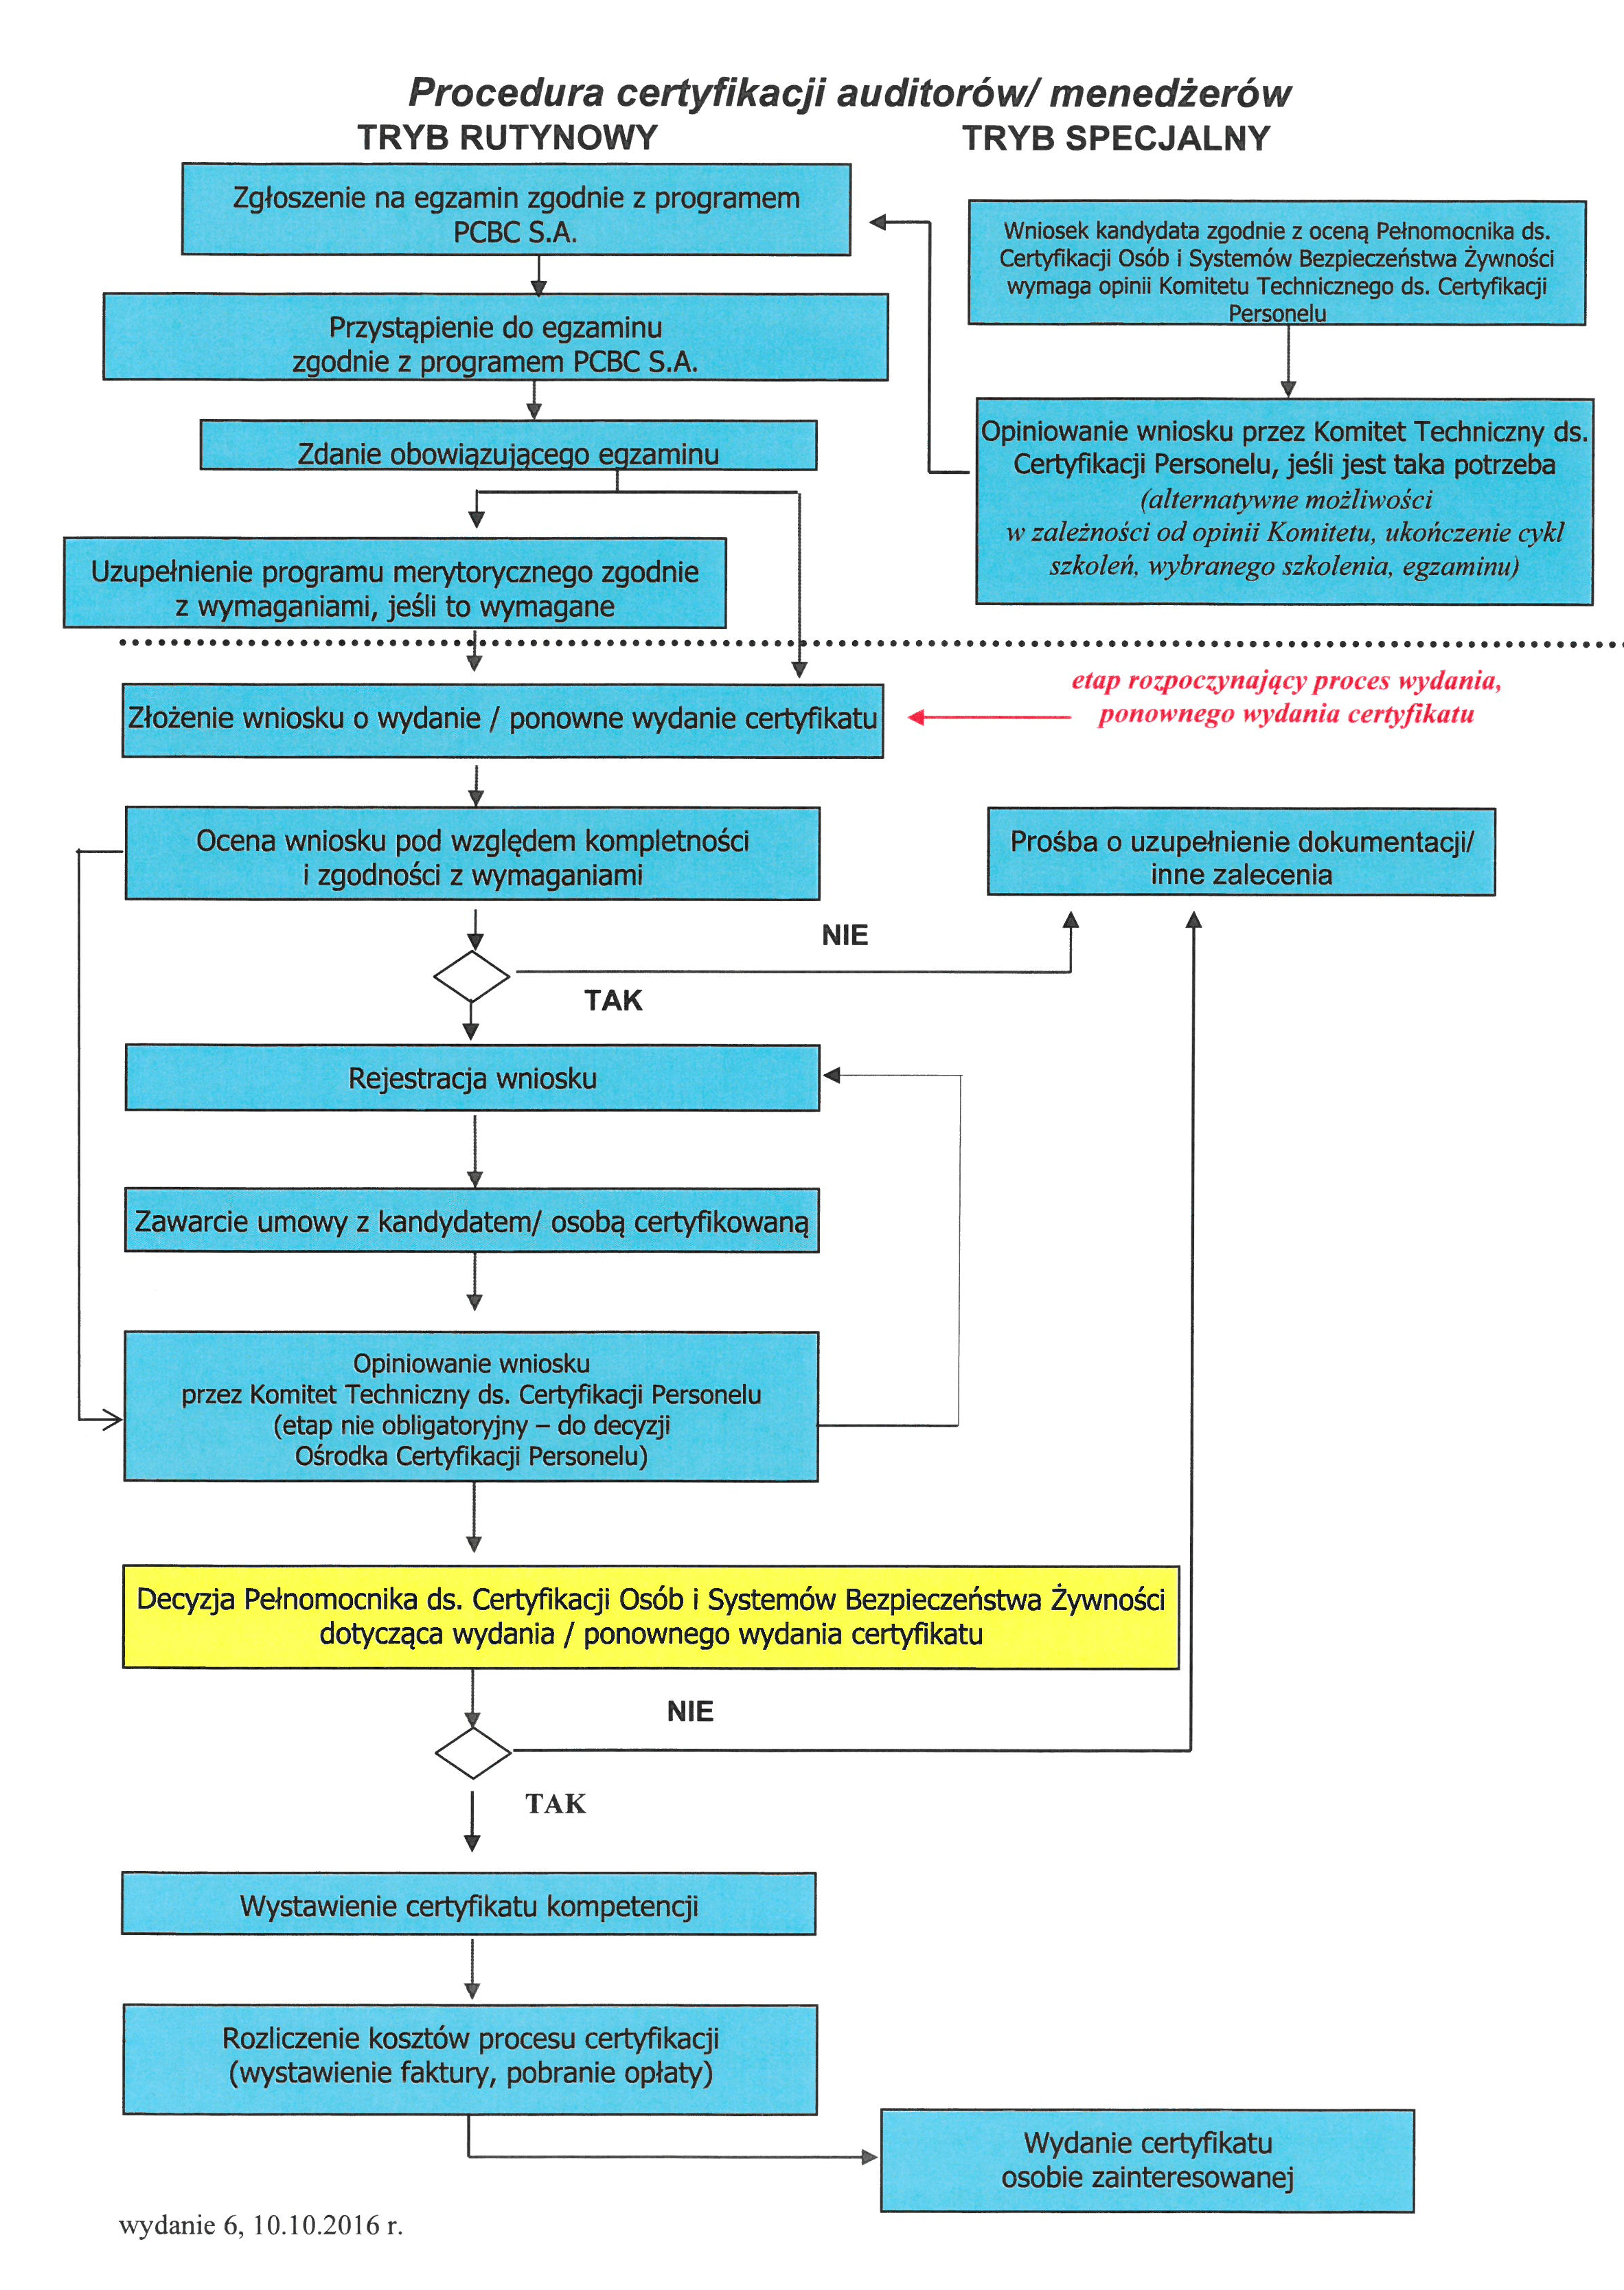 procedura_certyfikacji_auditorów_menadzerów